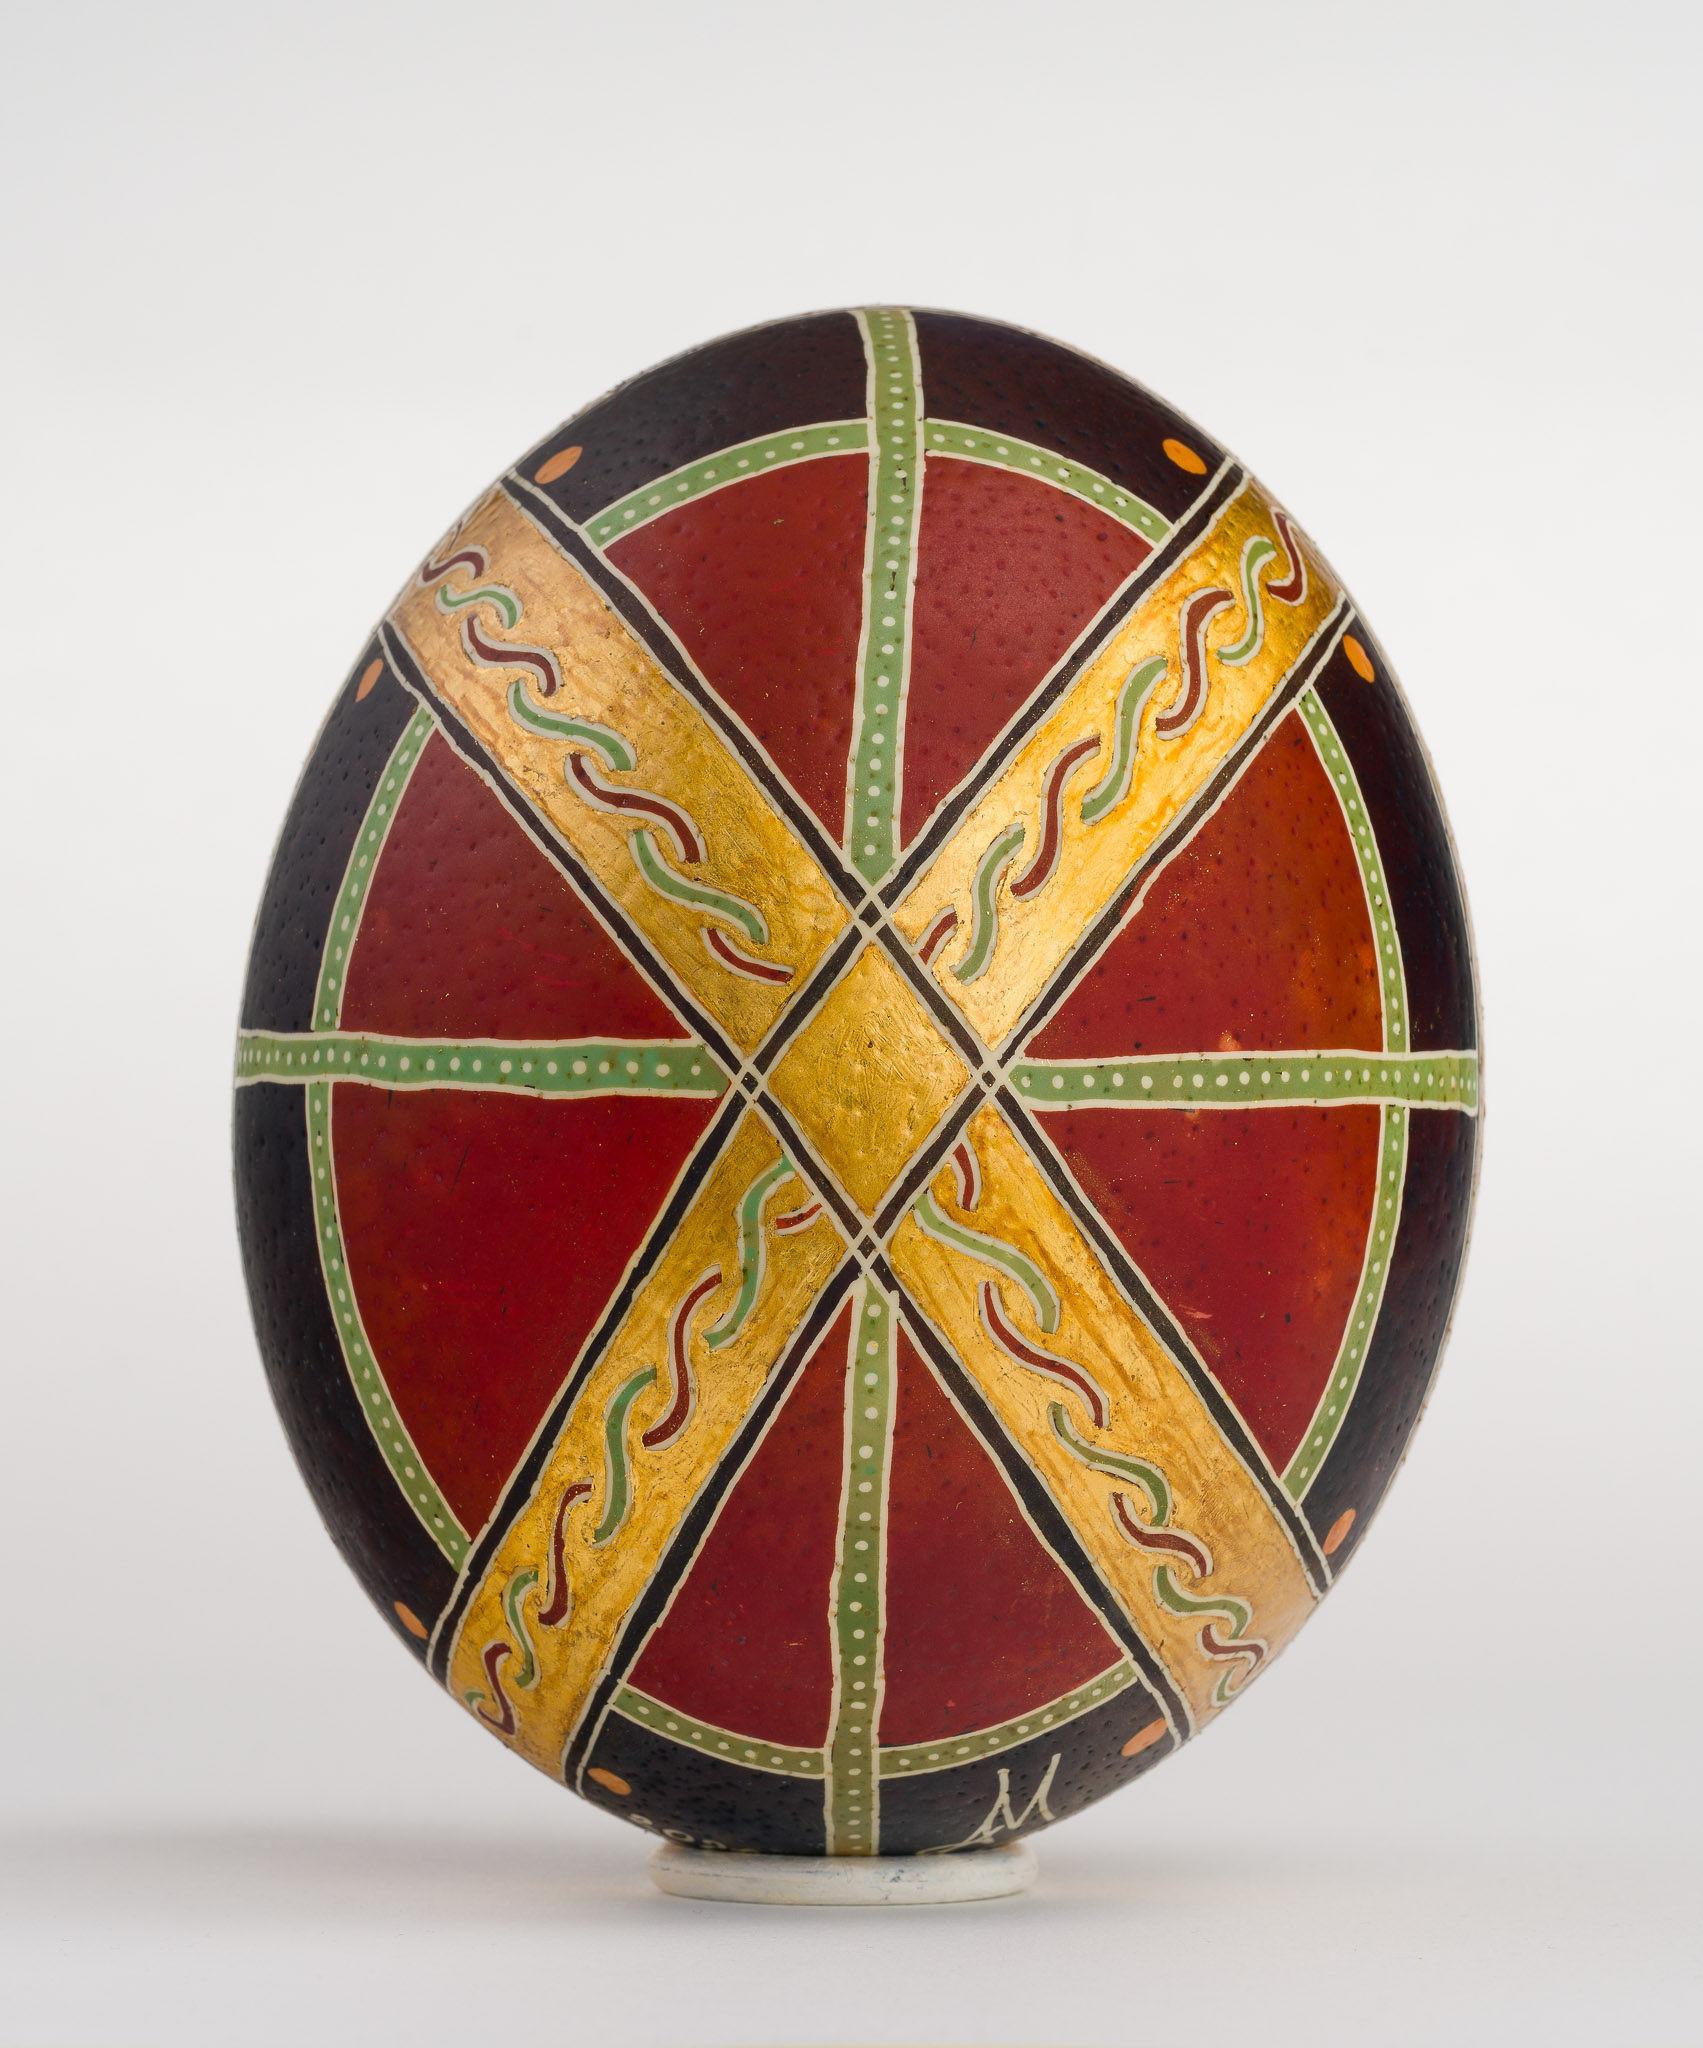 Icoană încondeiată pe ou de struț - Învierea Domnului. Sfintele Paști - maryando-118c.jpg